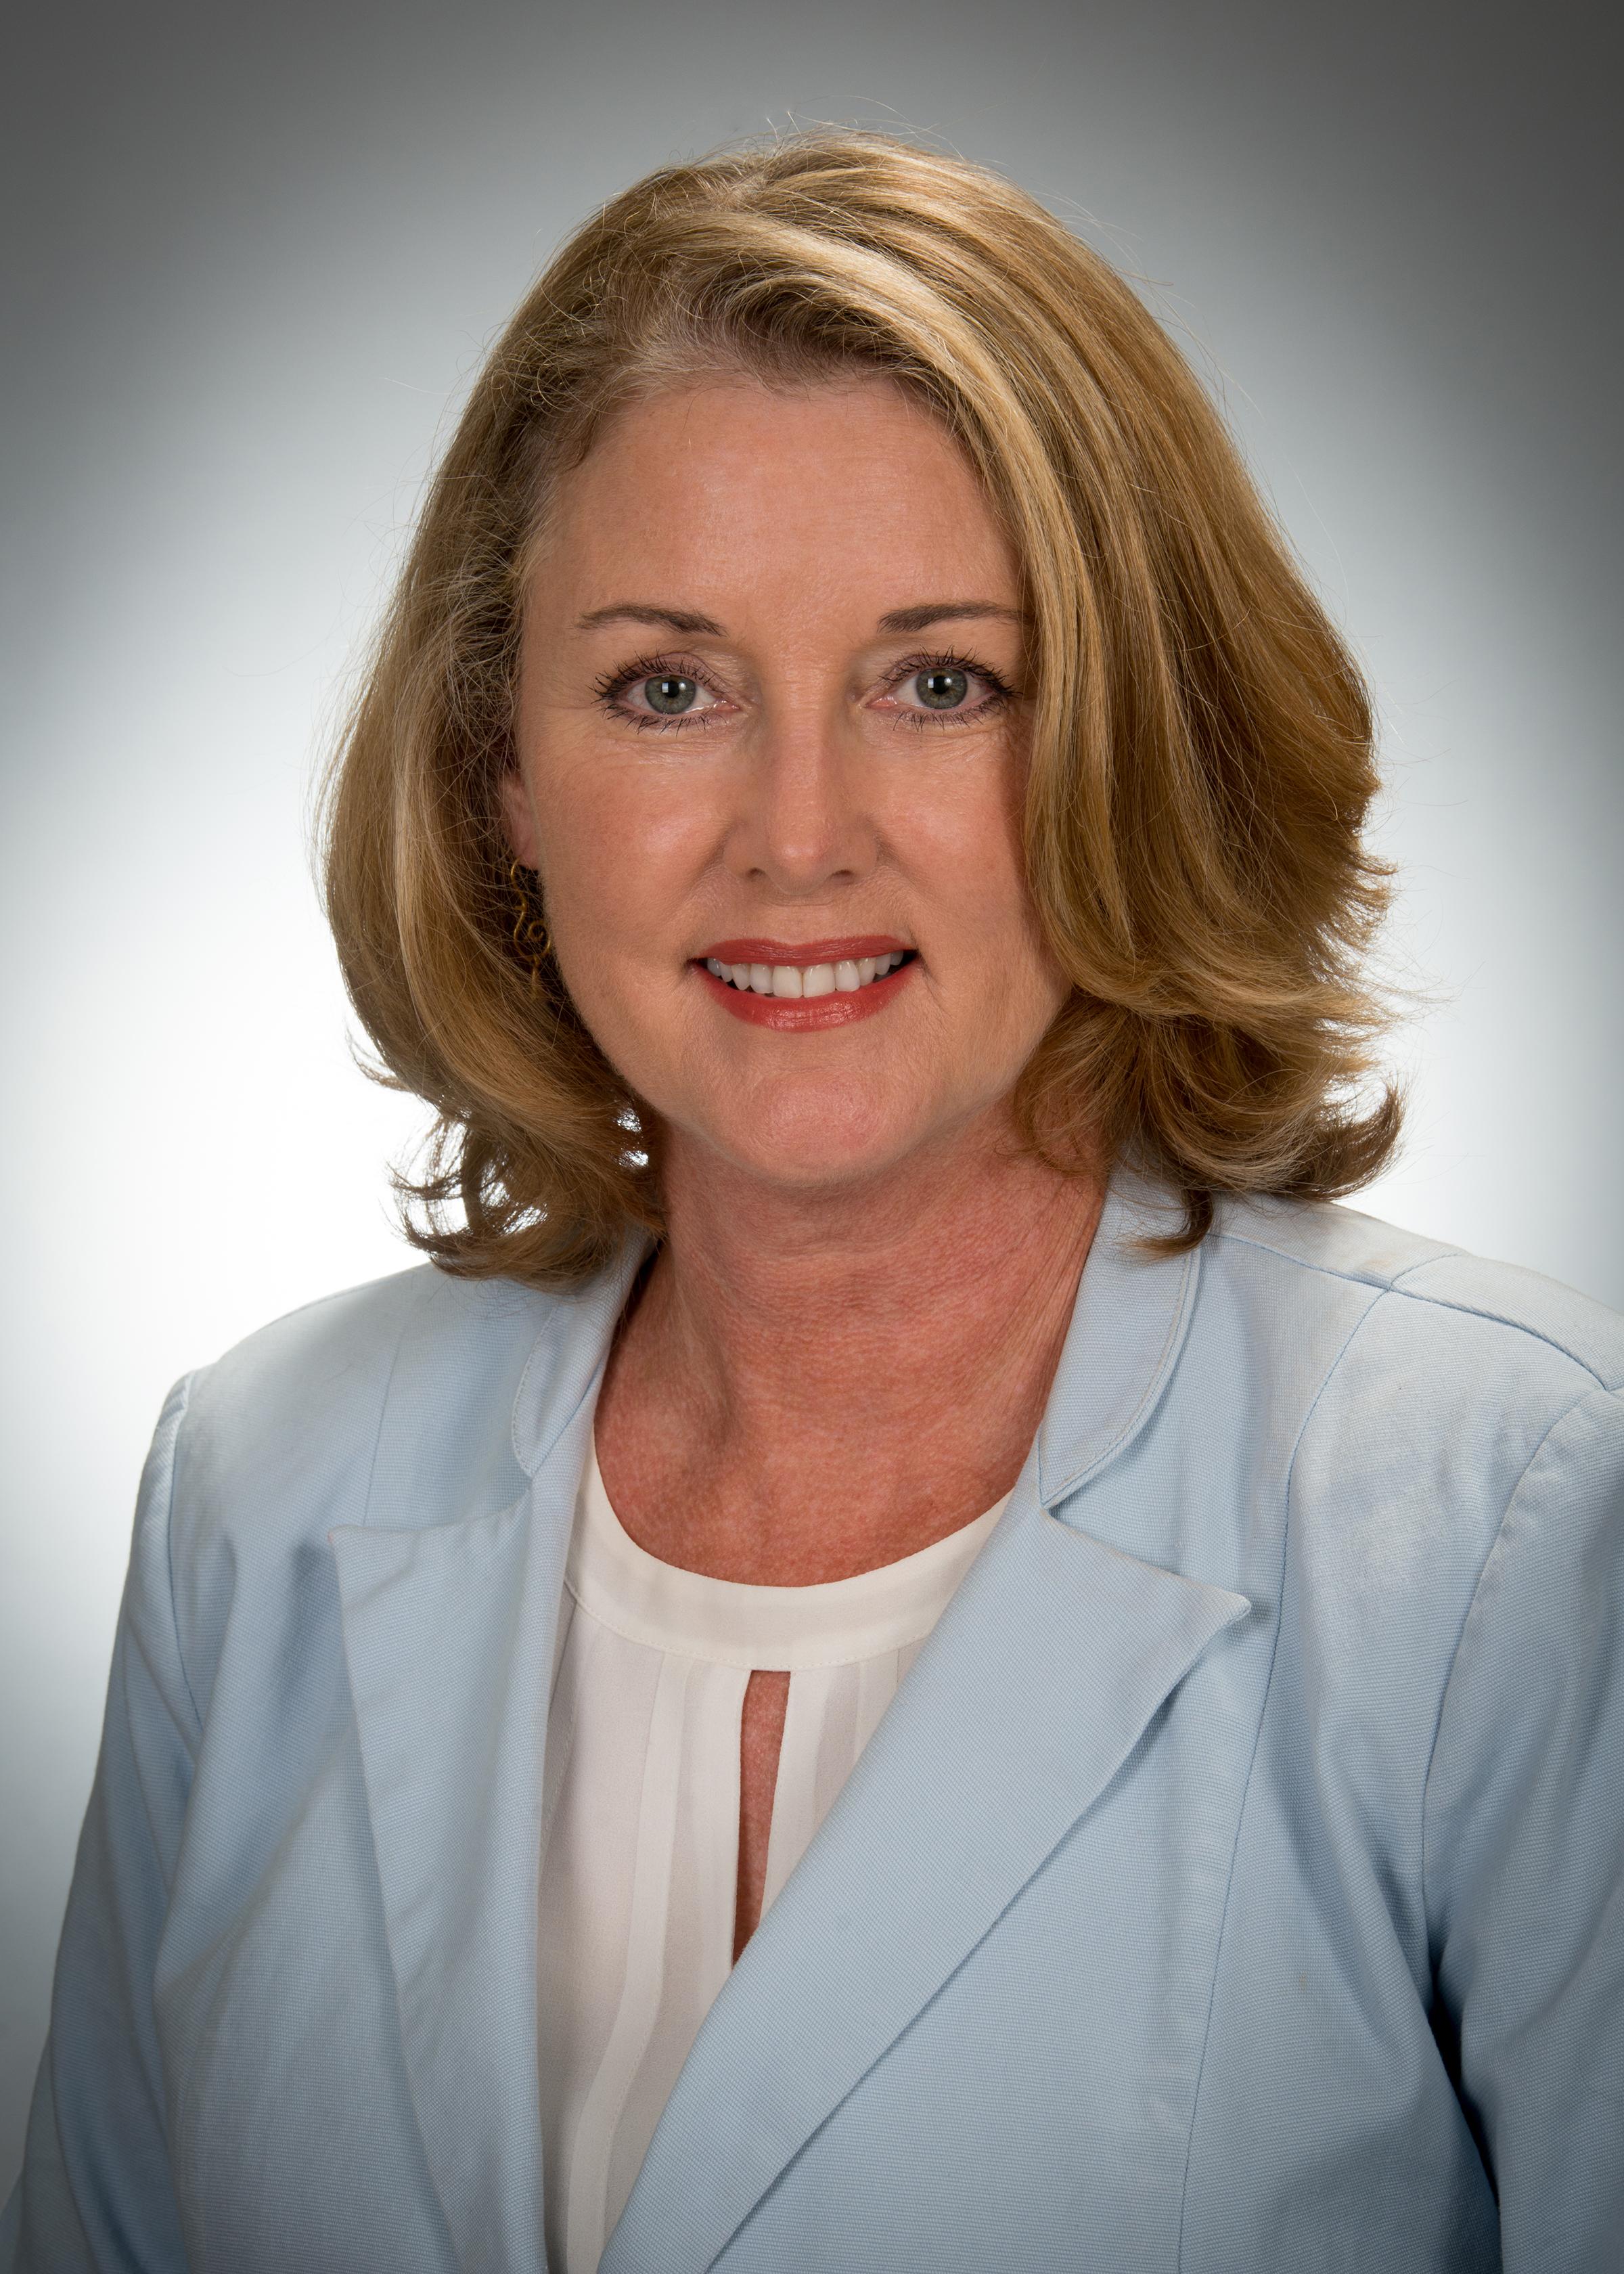 Carolyn Hasser